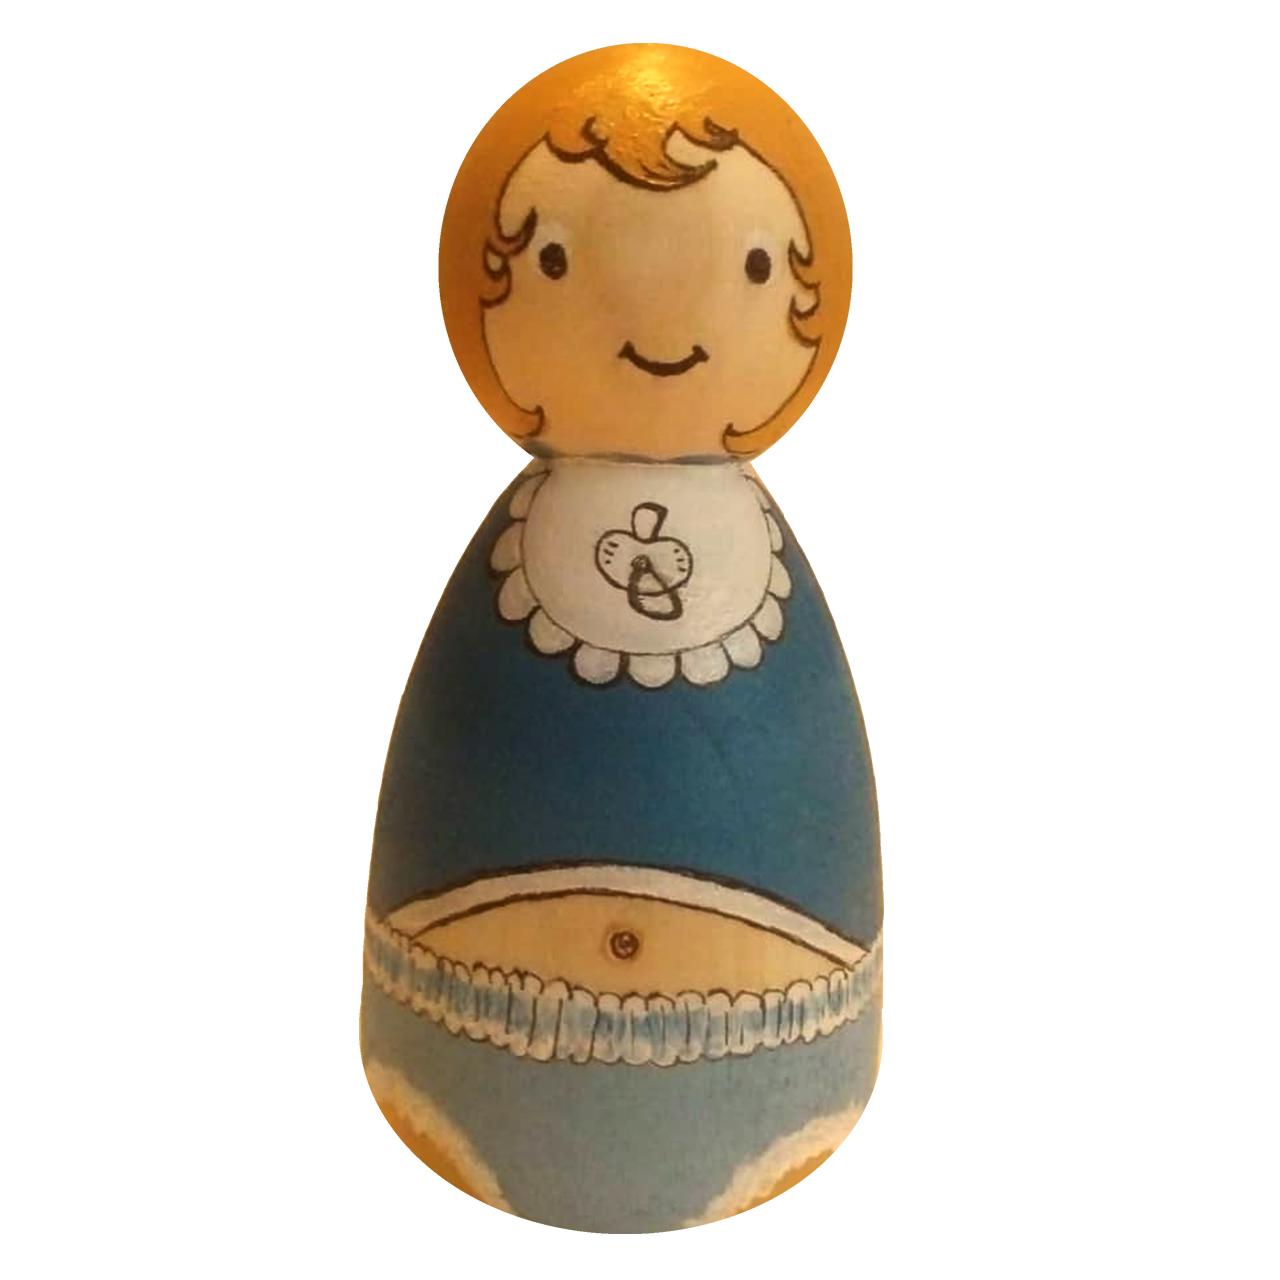 خرید                     عروسک چوبی مدل نی نی سیسمونی کد01BLUE BABY